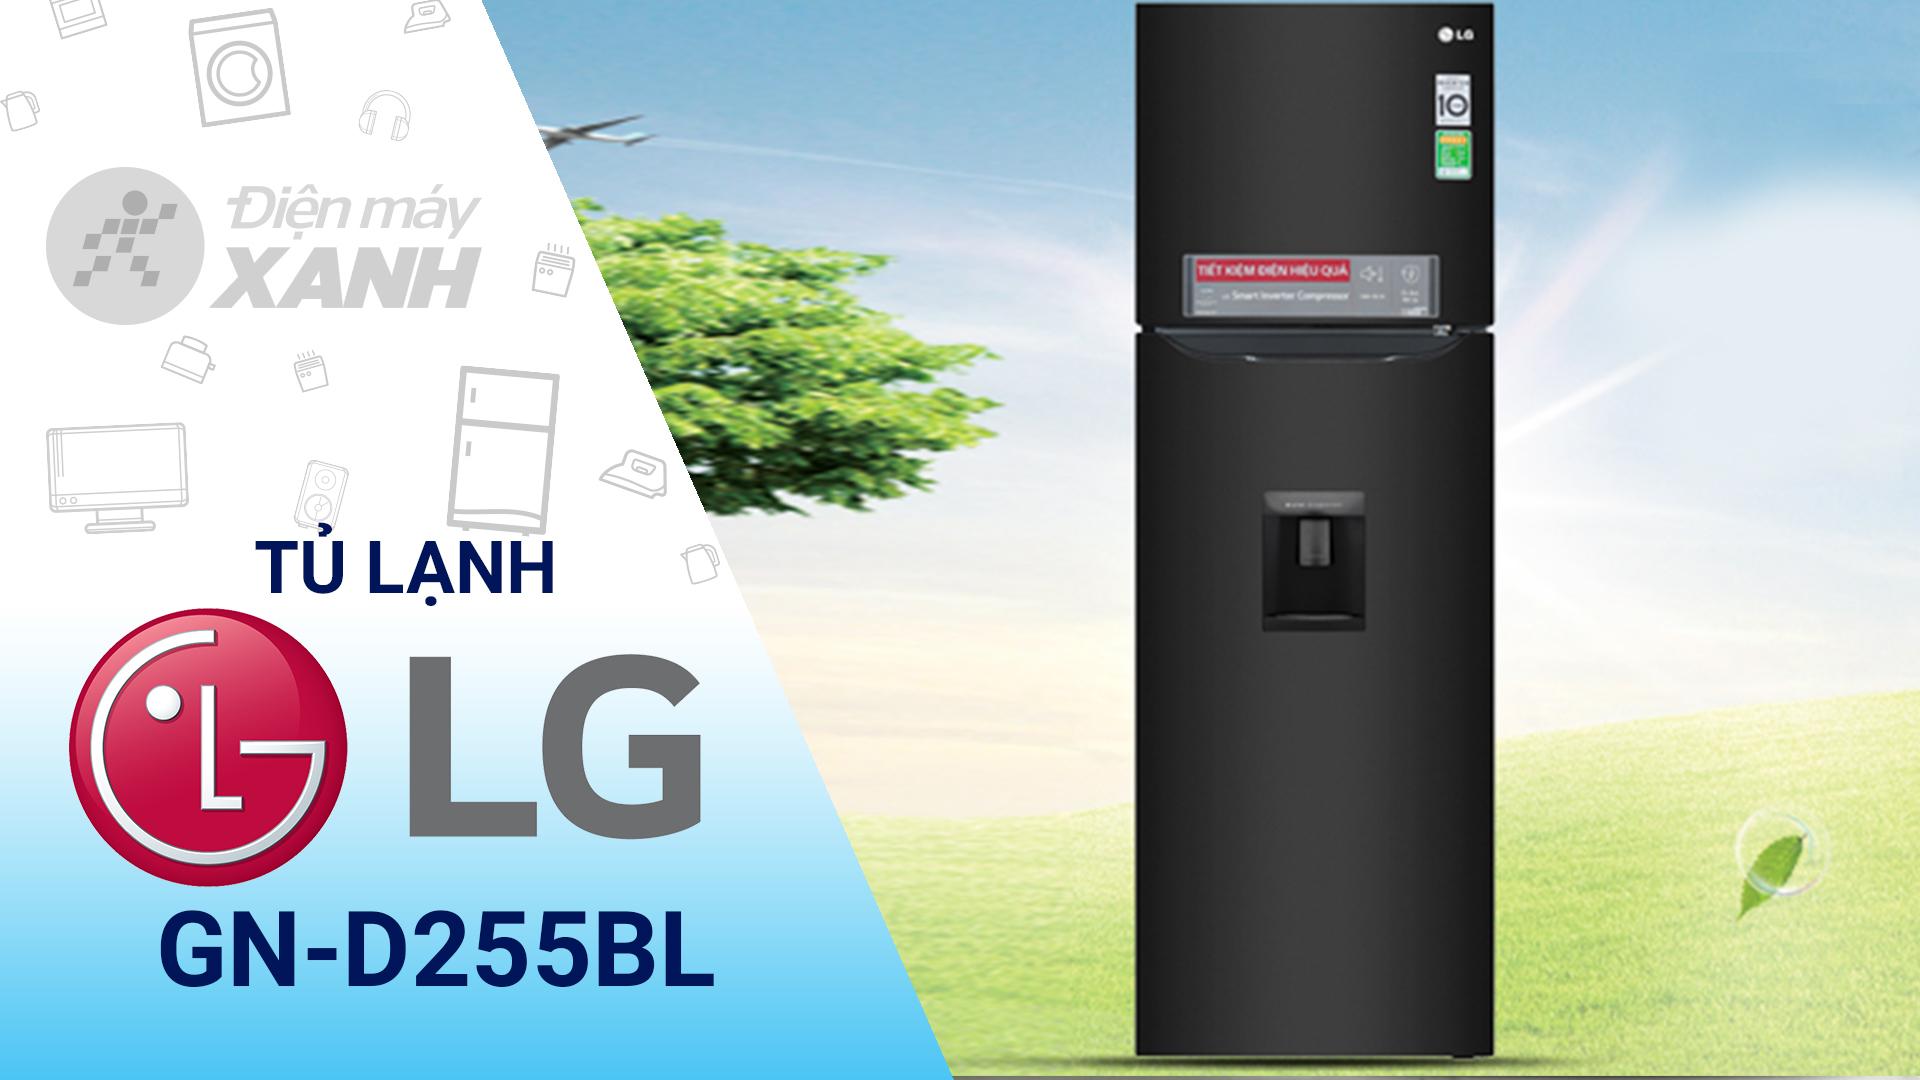 Tủ Lạnh LG GN-D255BL giá rẻ, có trả góp